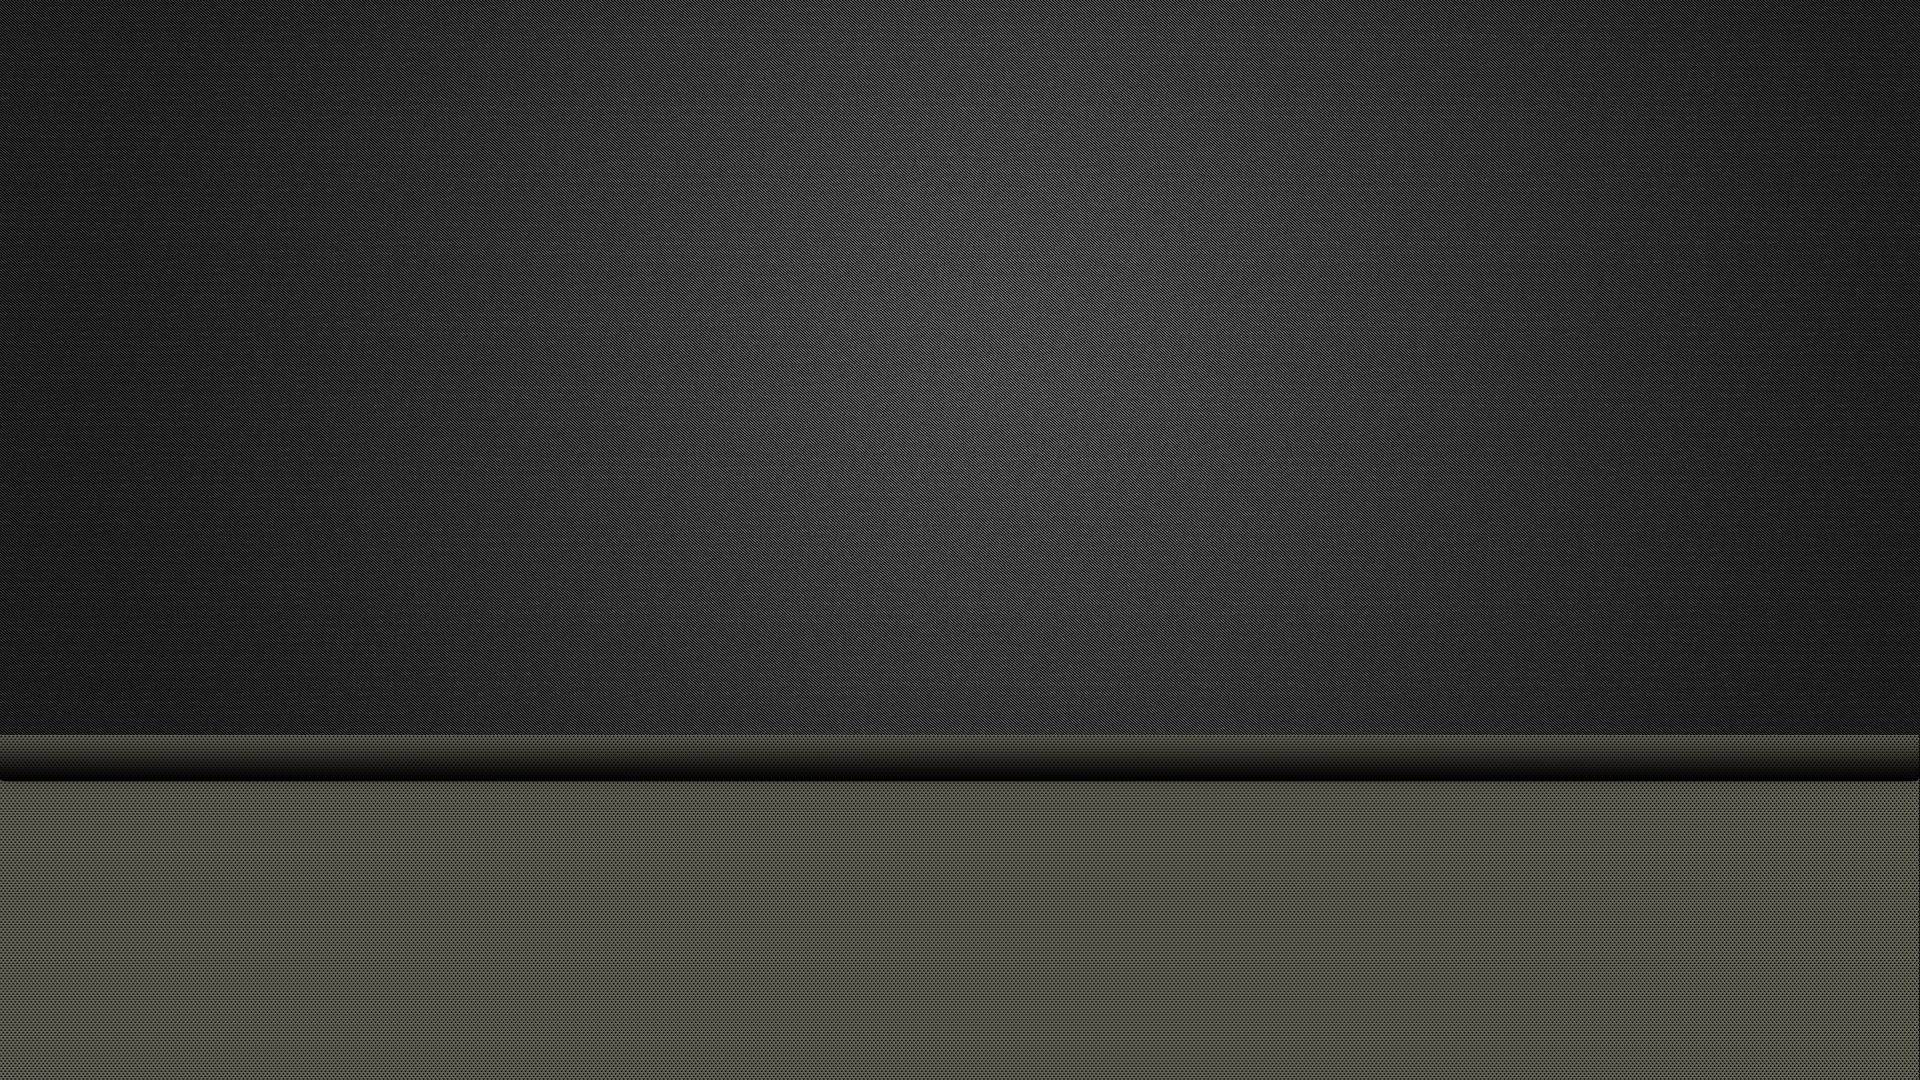 Fondos de pantalla monocromo abstracto texto textura - Papel pintado blanco y negro ...